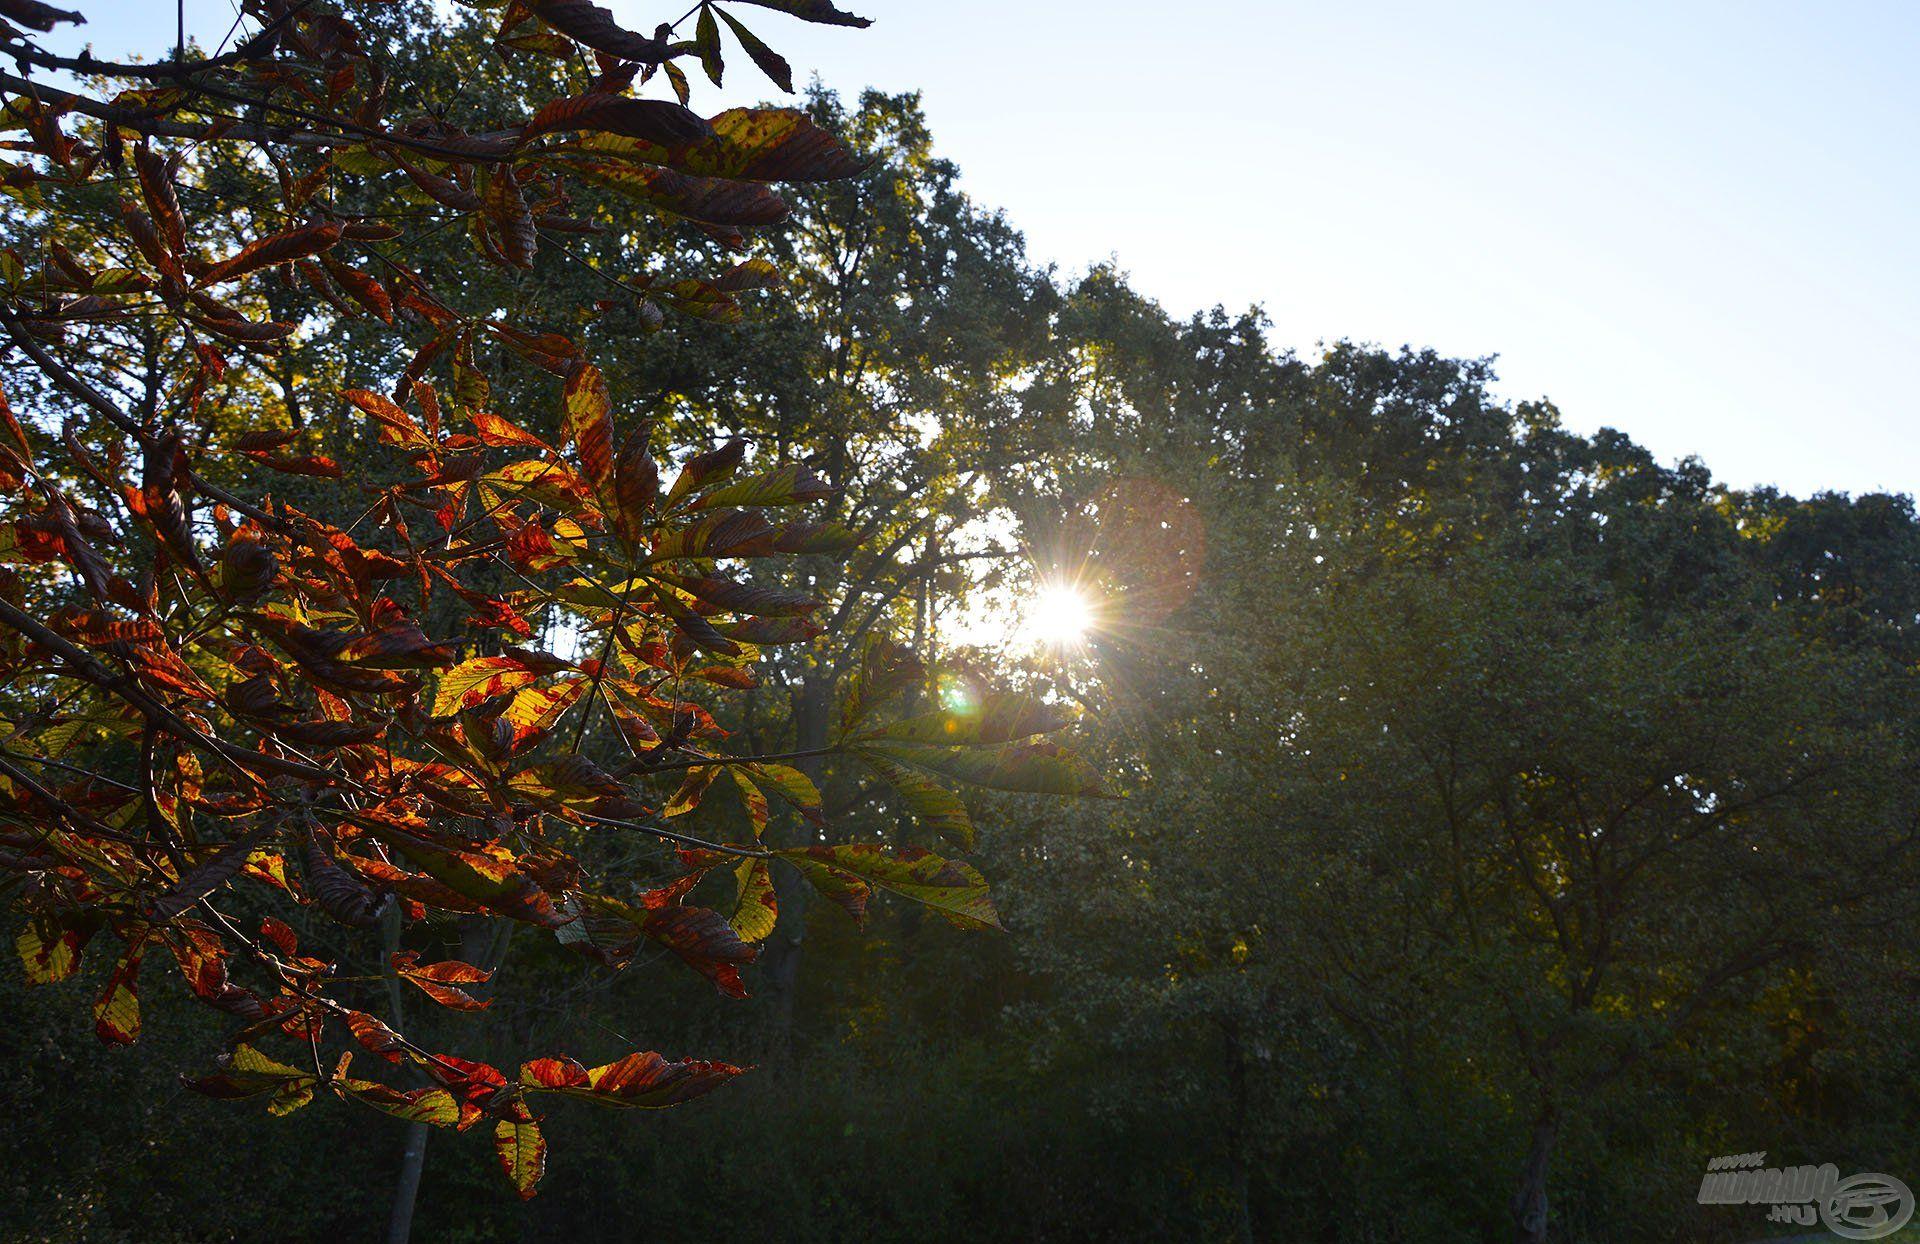 A nap szép lassan kúszott fölfelé, ám egy ideig még csak a mögöttem húzódó erdő takarásában ontotta sugarait